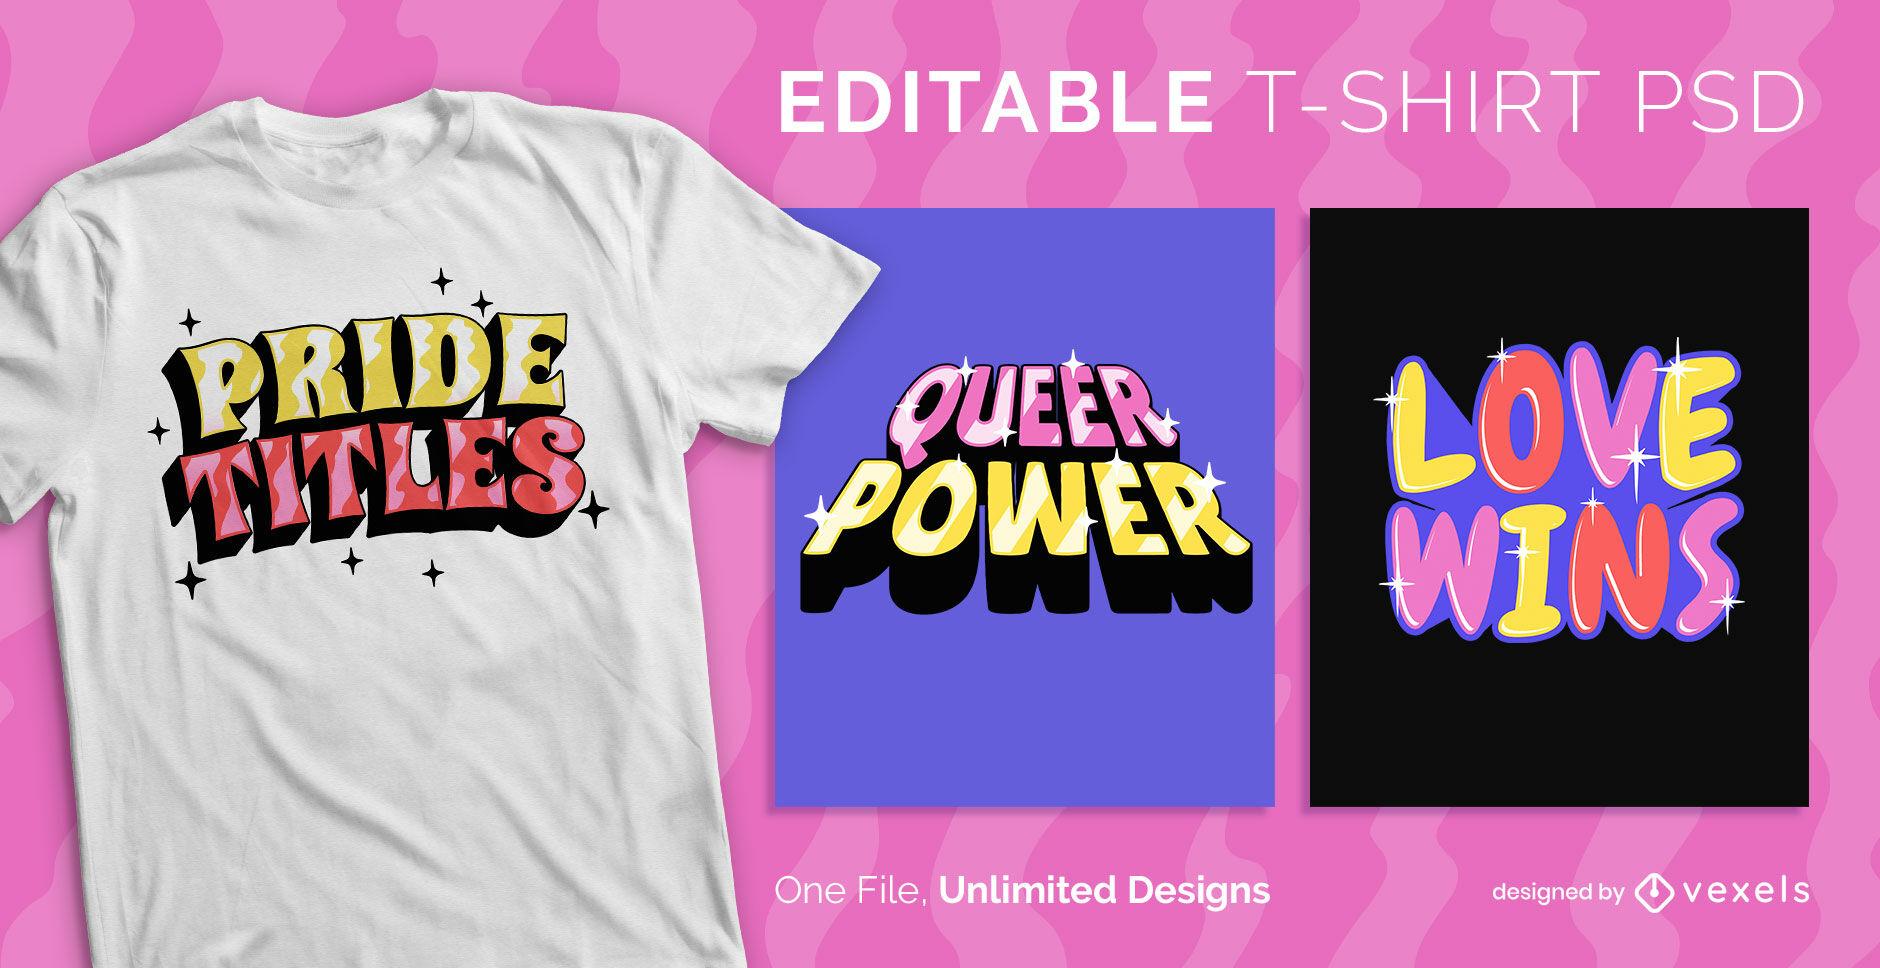 Dise?o de camiseta psd escalable brillante con letras de orgullo